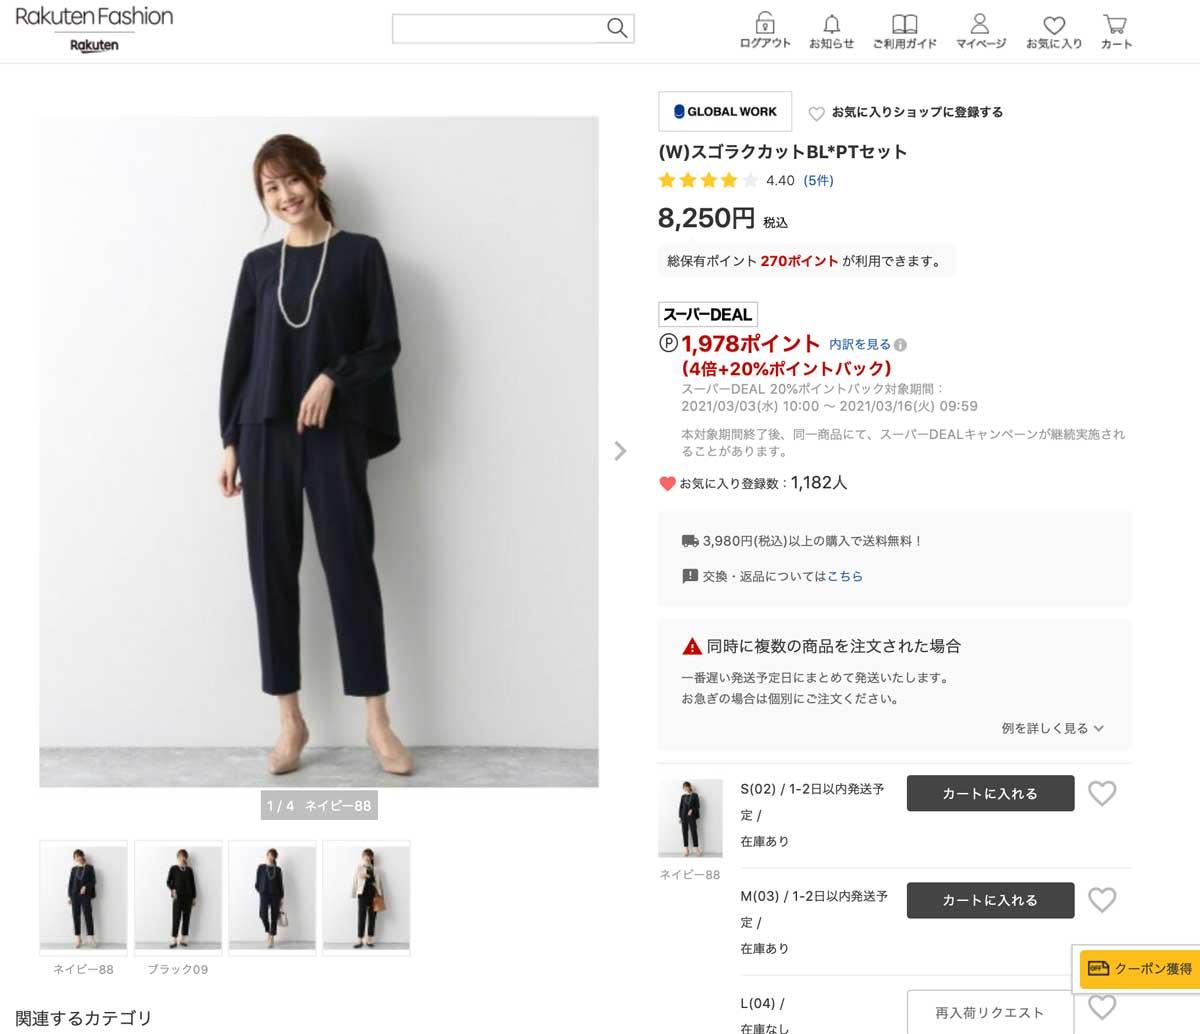 春物の準備に!楽天ファッションで人気の女性アイテムをまとめた!評価やレビュー、感想も! brandavenue-rakuten-fashion_02_04